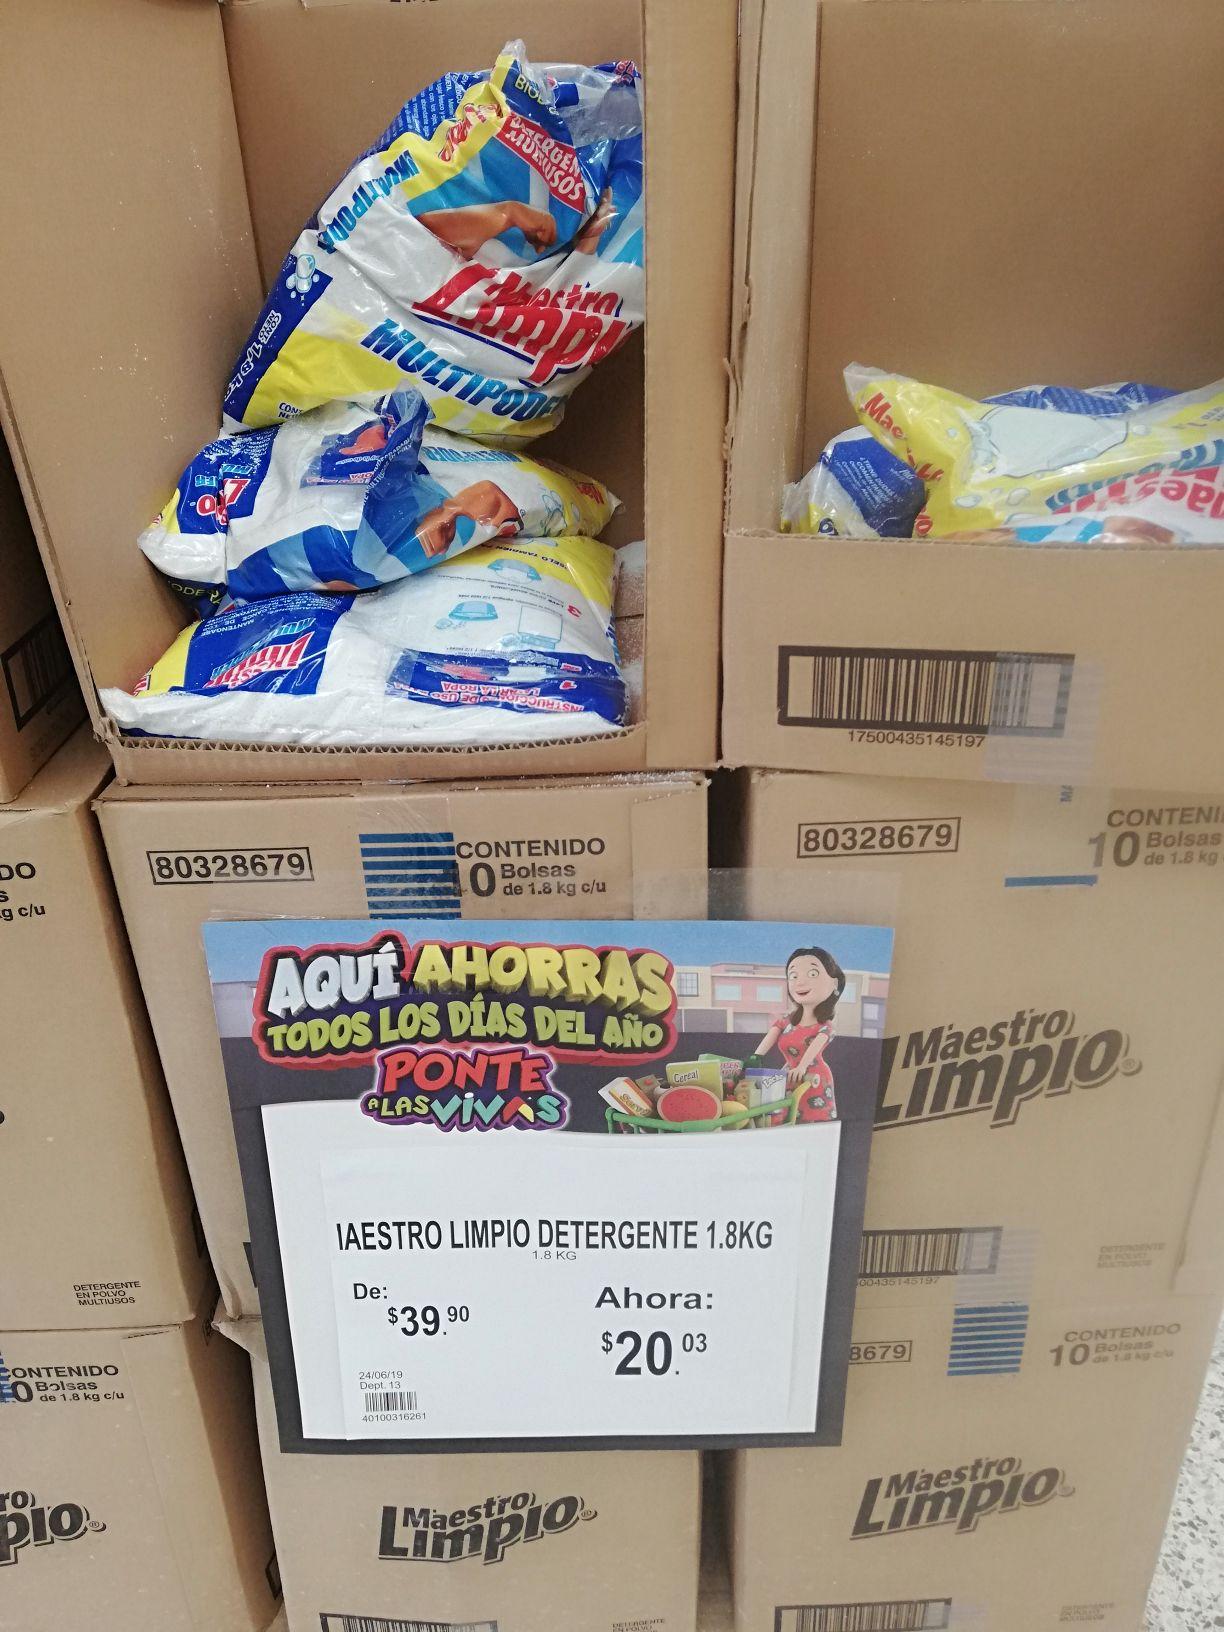 Bodega Aurrera: Detergente Maestro Limpio 1.8 kg y antitranspirante $10